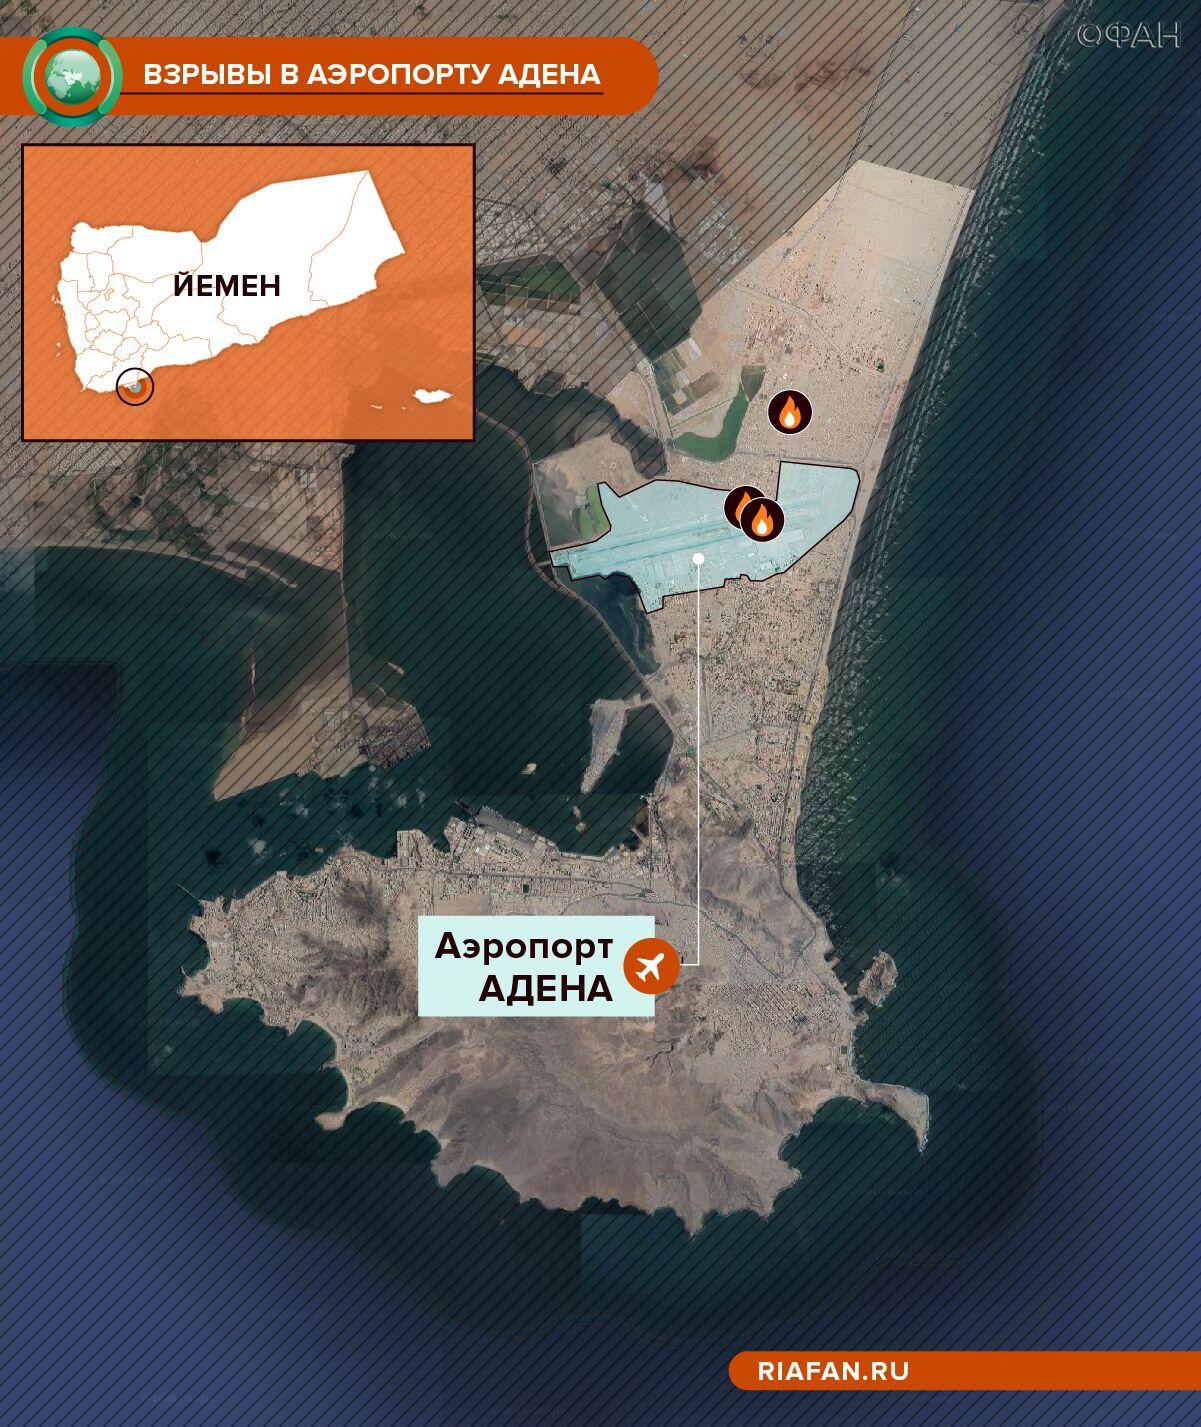 Атака на аэропорт Адена. Ситуация на 23-00